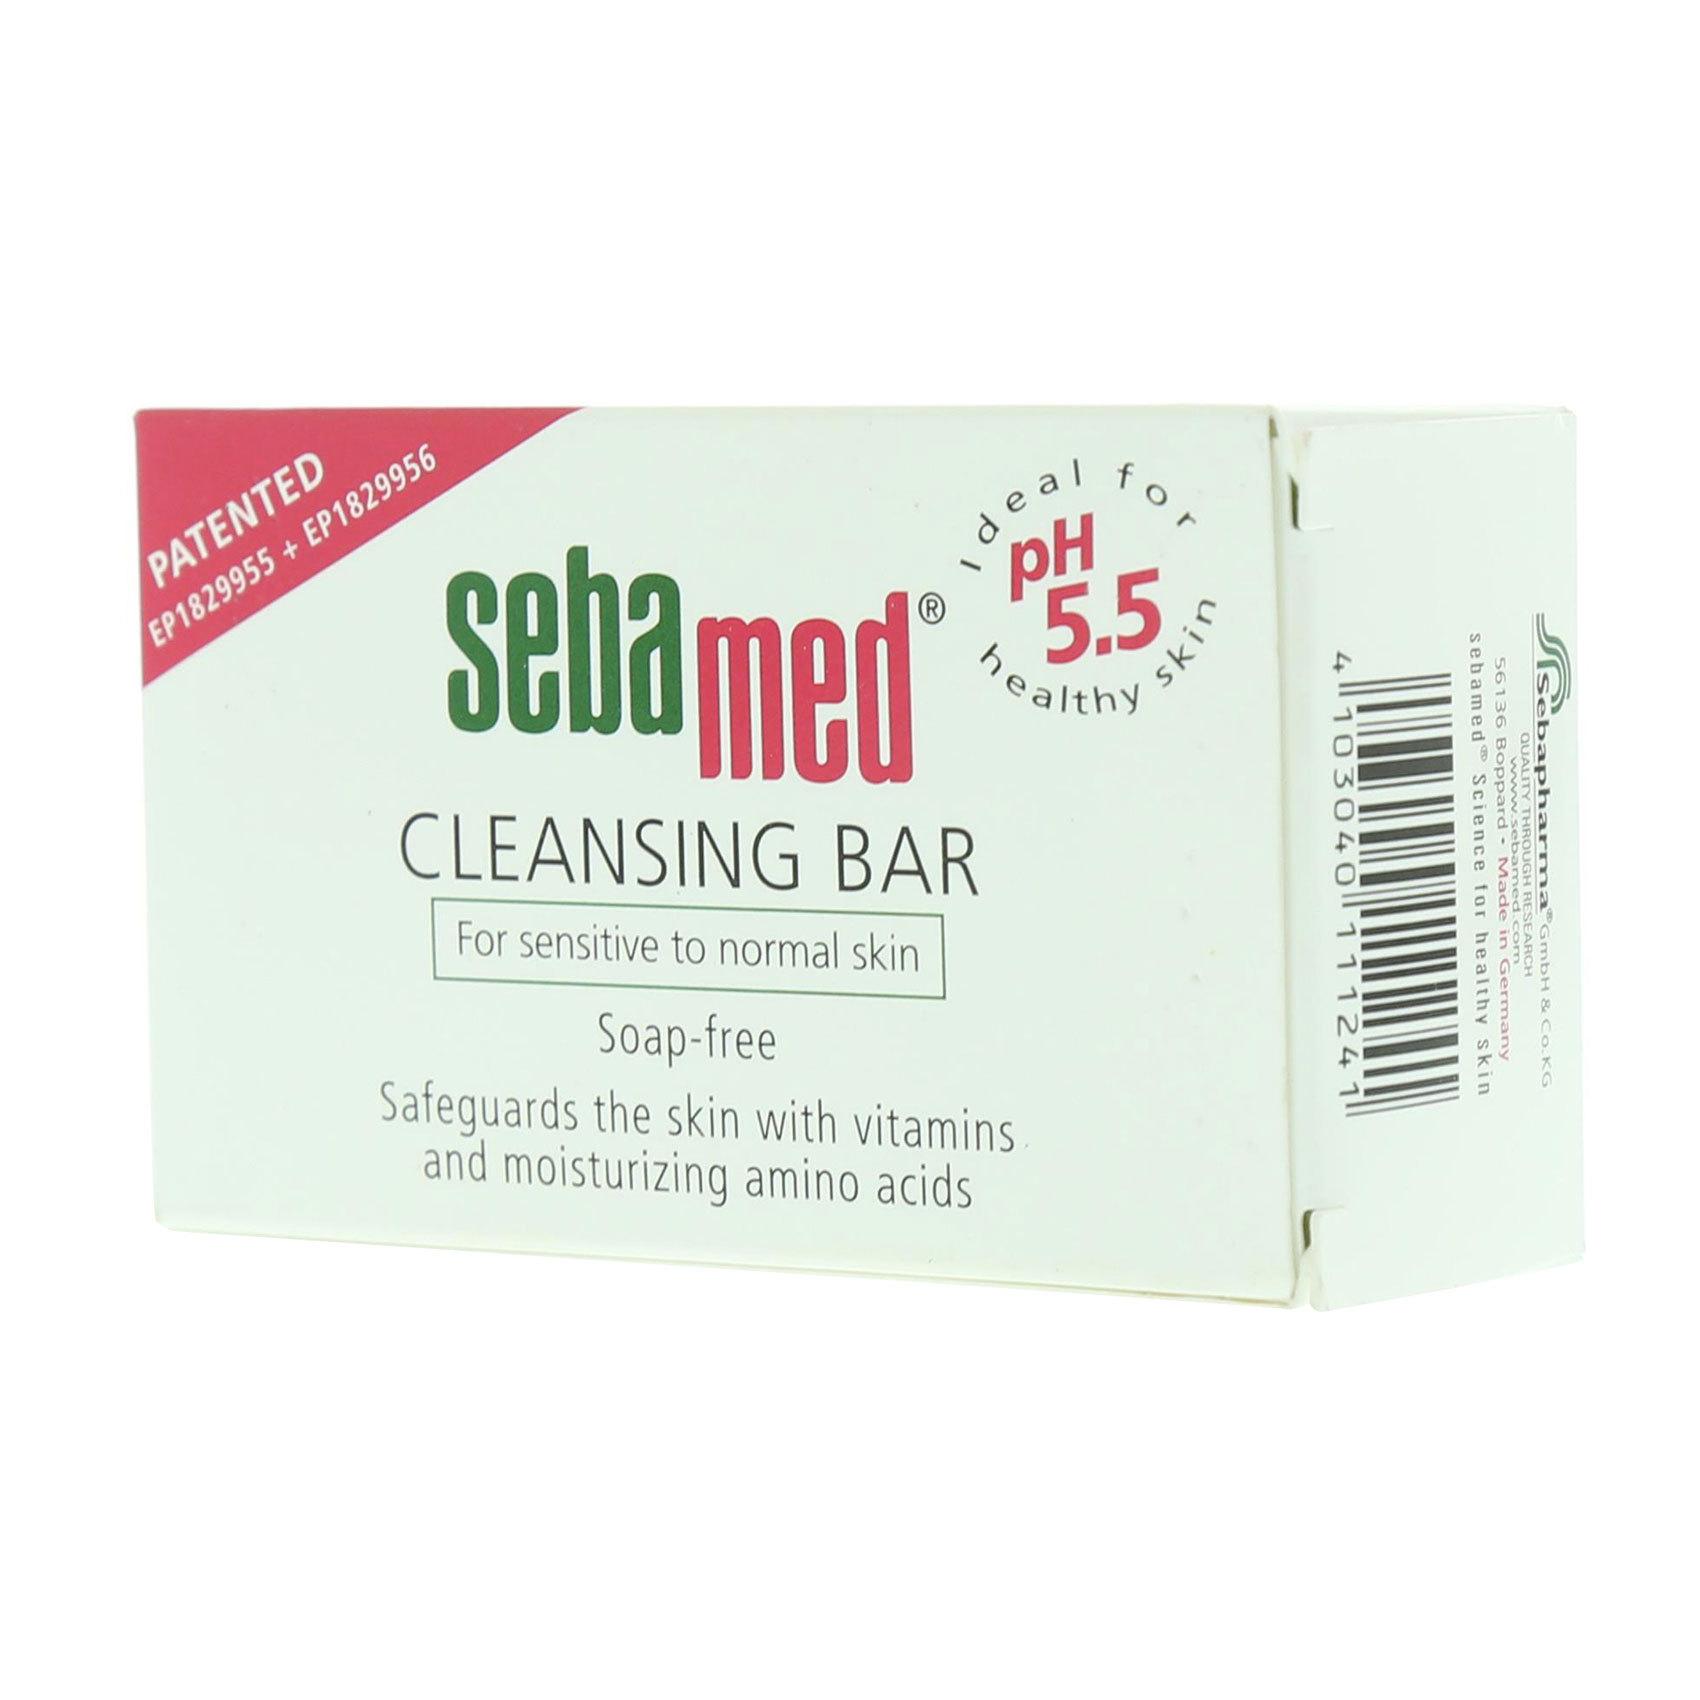 SEBAMED CLEANSING BAR 100GM